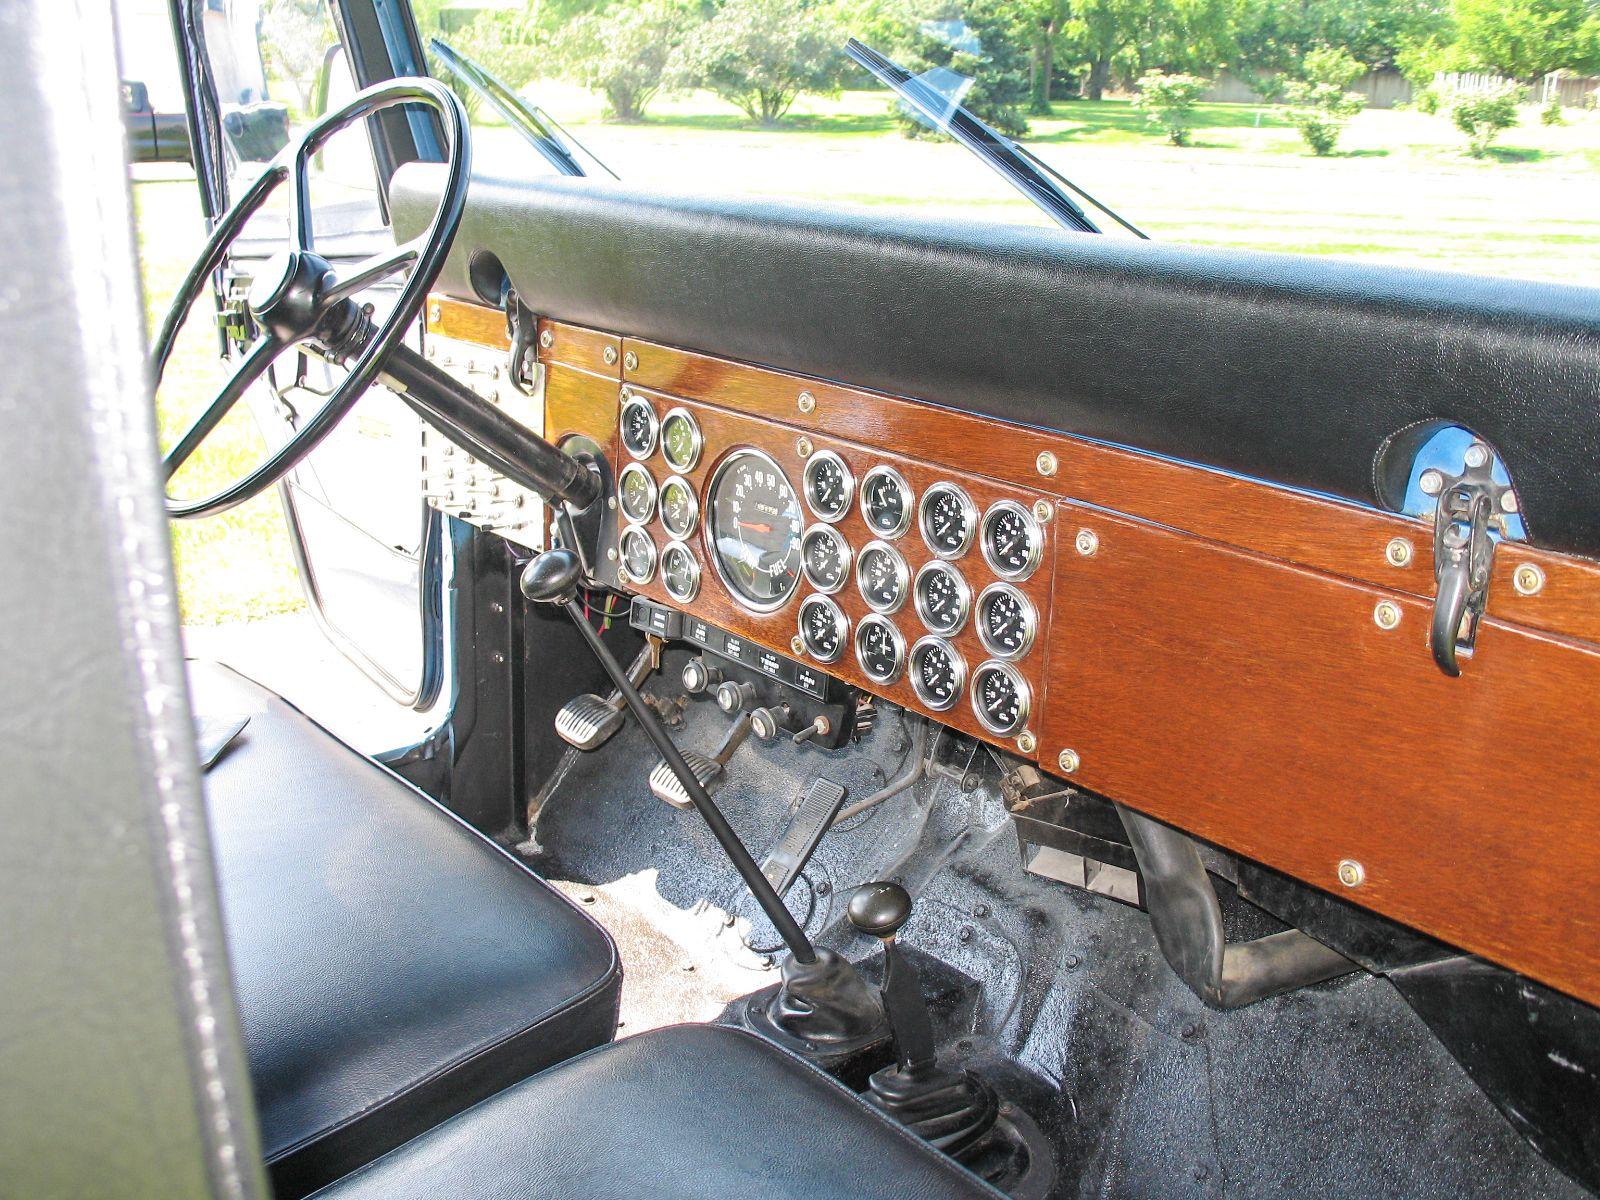 1974 jeep cj5 google search [ 1600 x 1200 Pixel ]